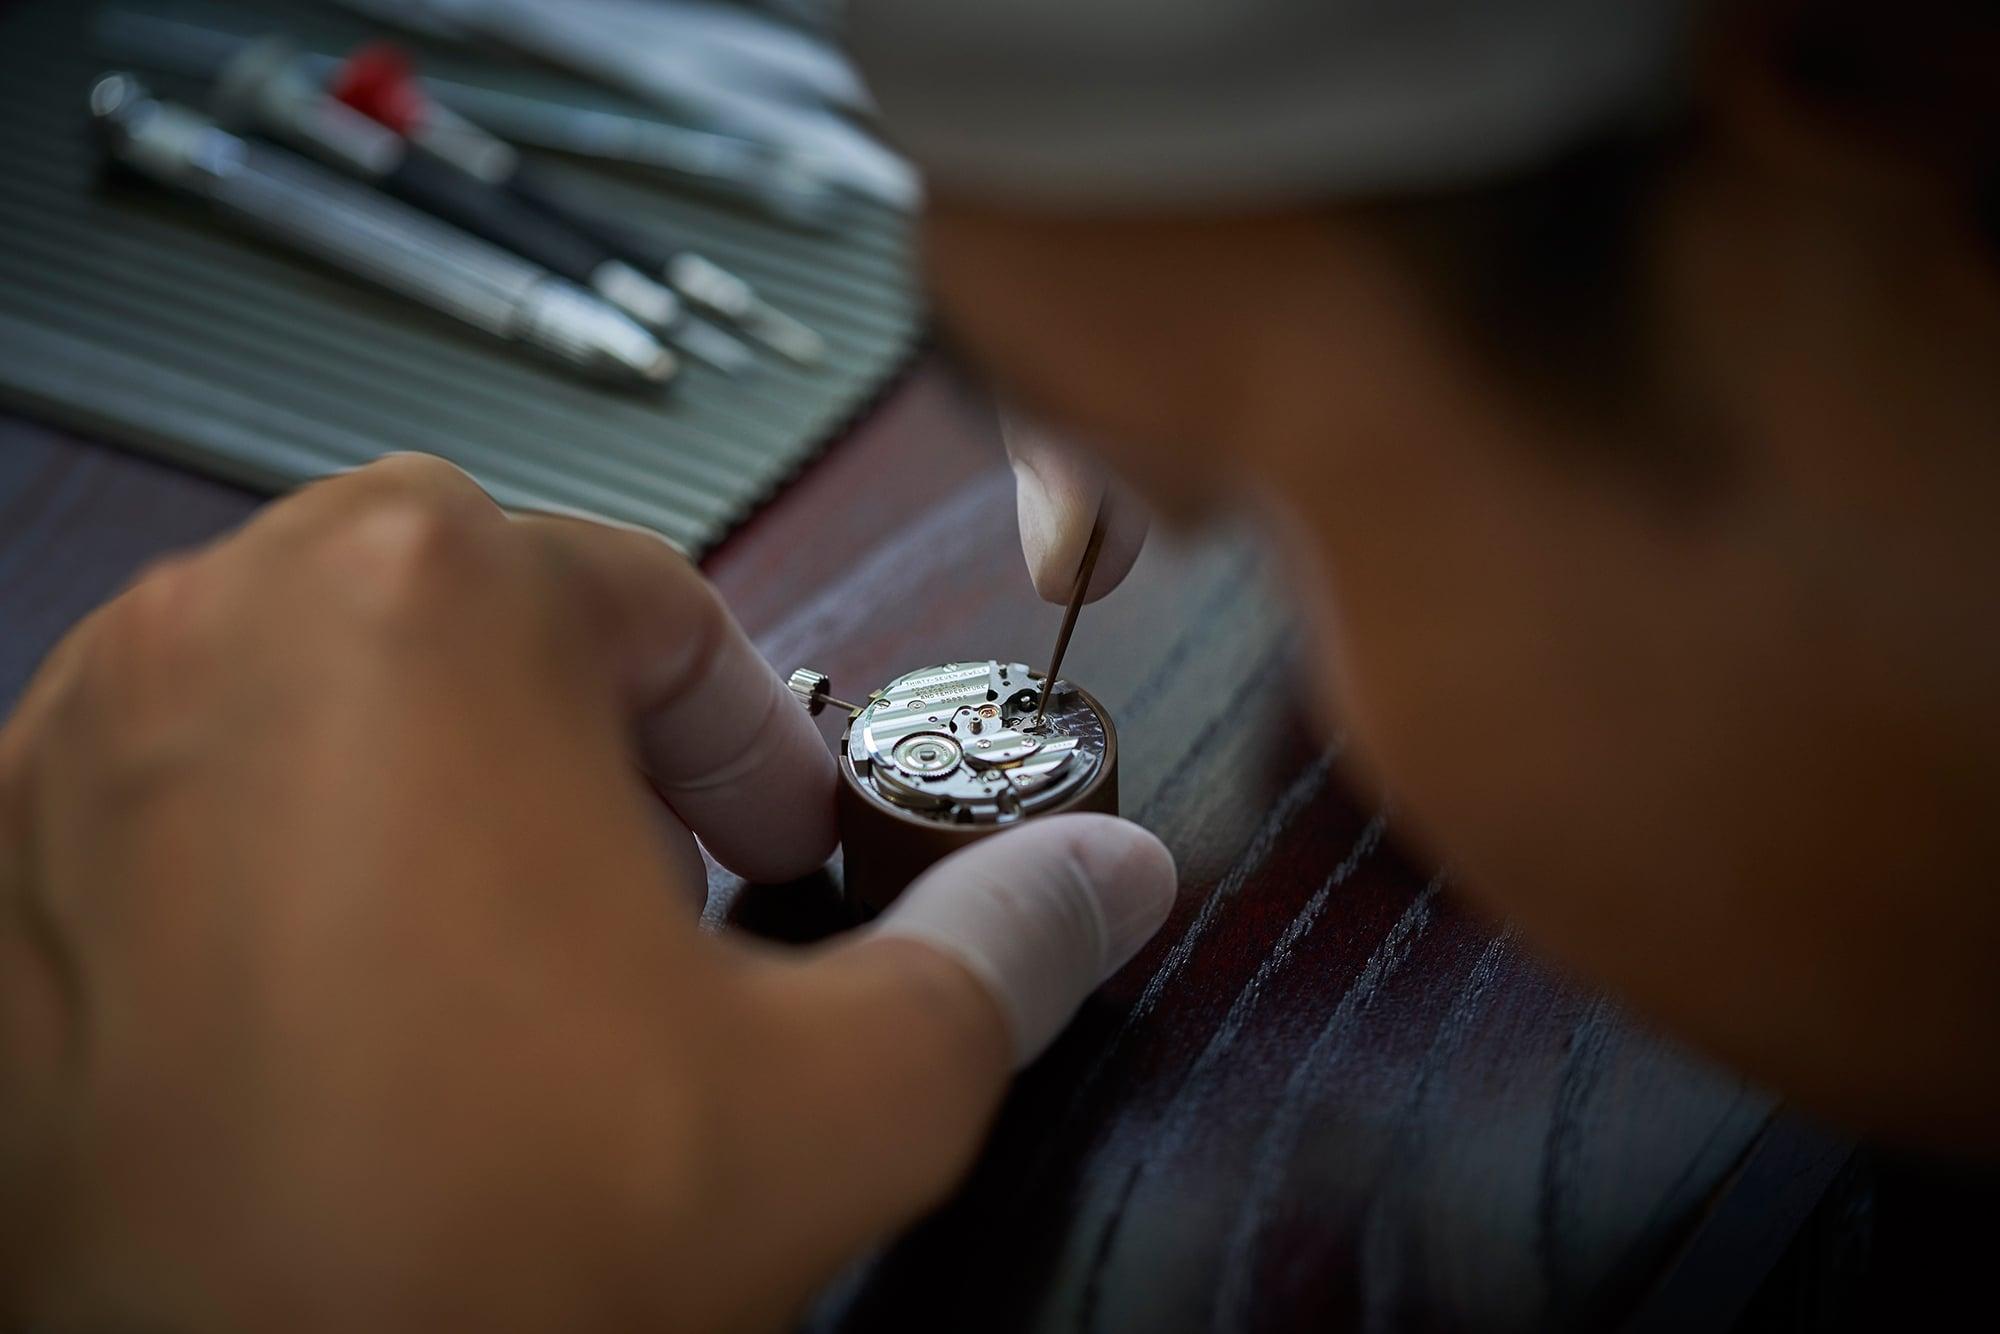 工房内では、極小サイズの部品を顕微鏡をのぞきながら、息をつめて作業を進める。製作しているのはキャリバー9S85。